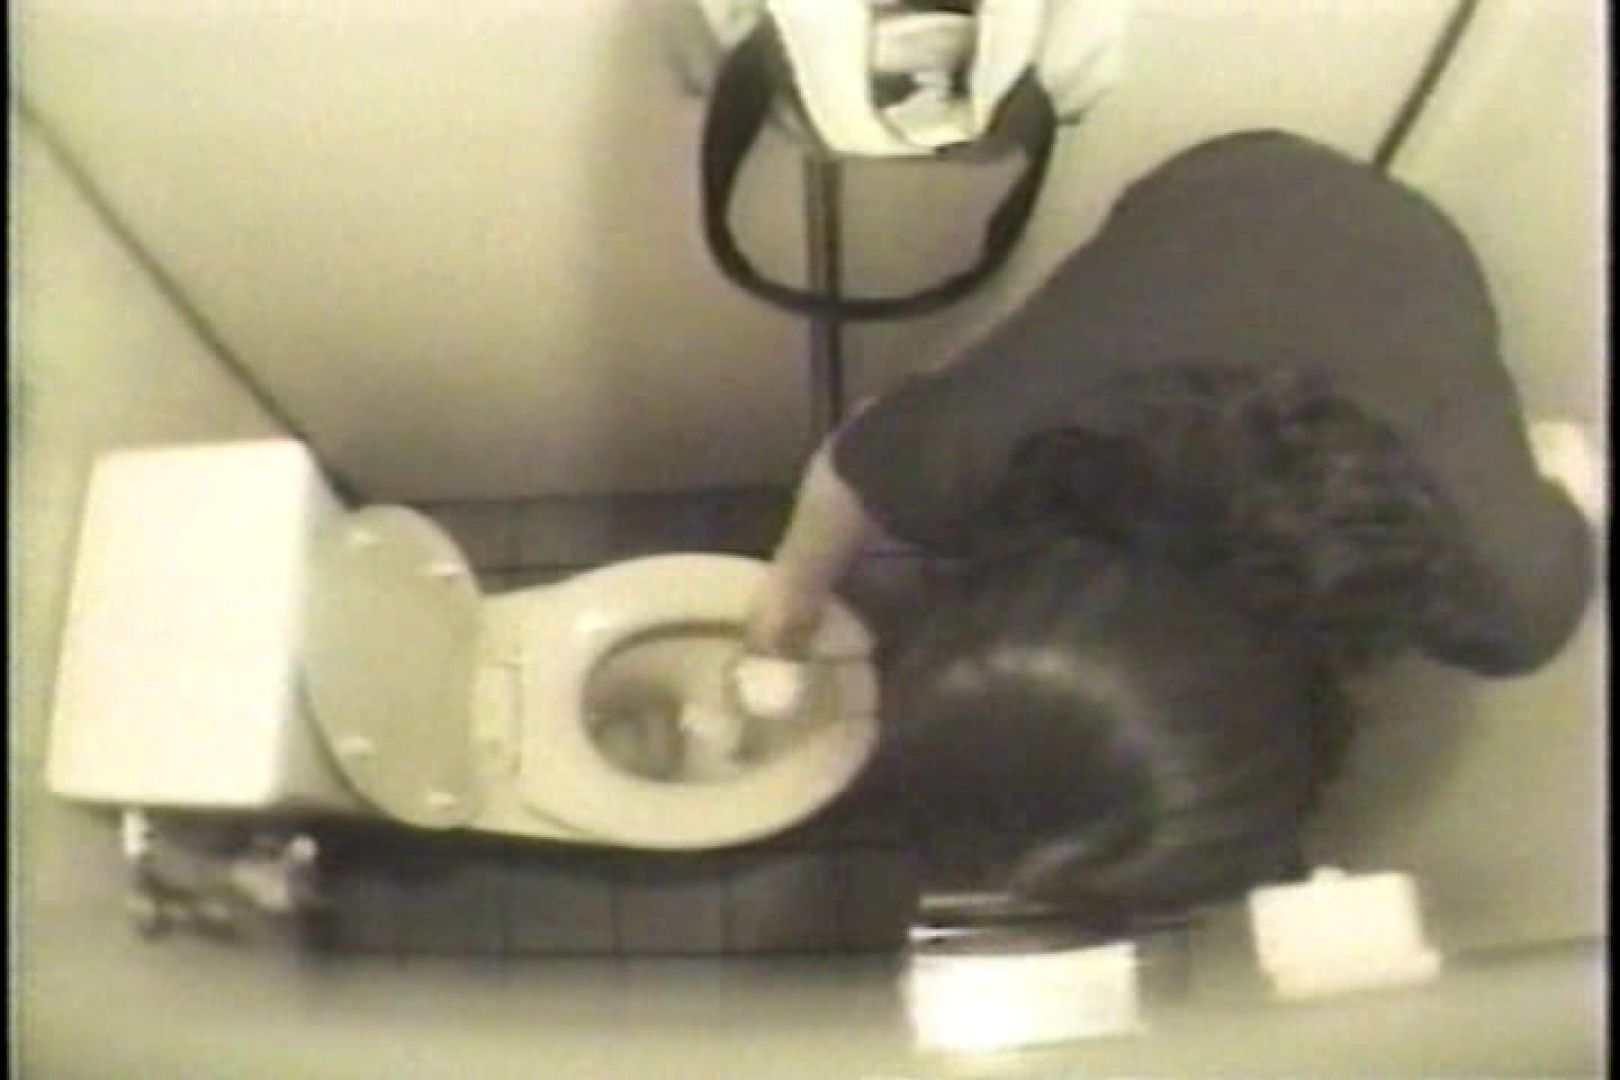 盗撮 女子洗面所3ヶ所入ってしゃがんで音出して 洗面所 オマンコ無修正動画無料 109連発 83